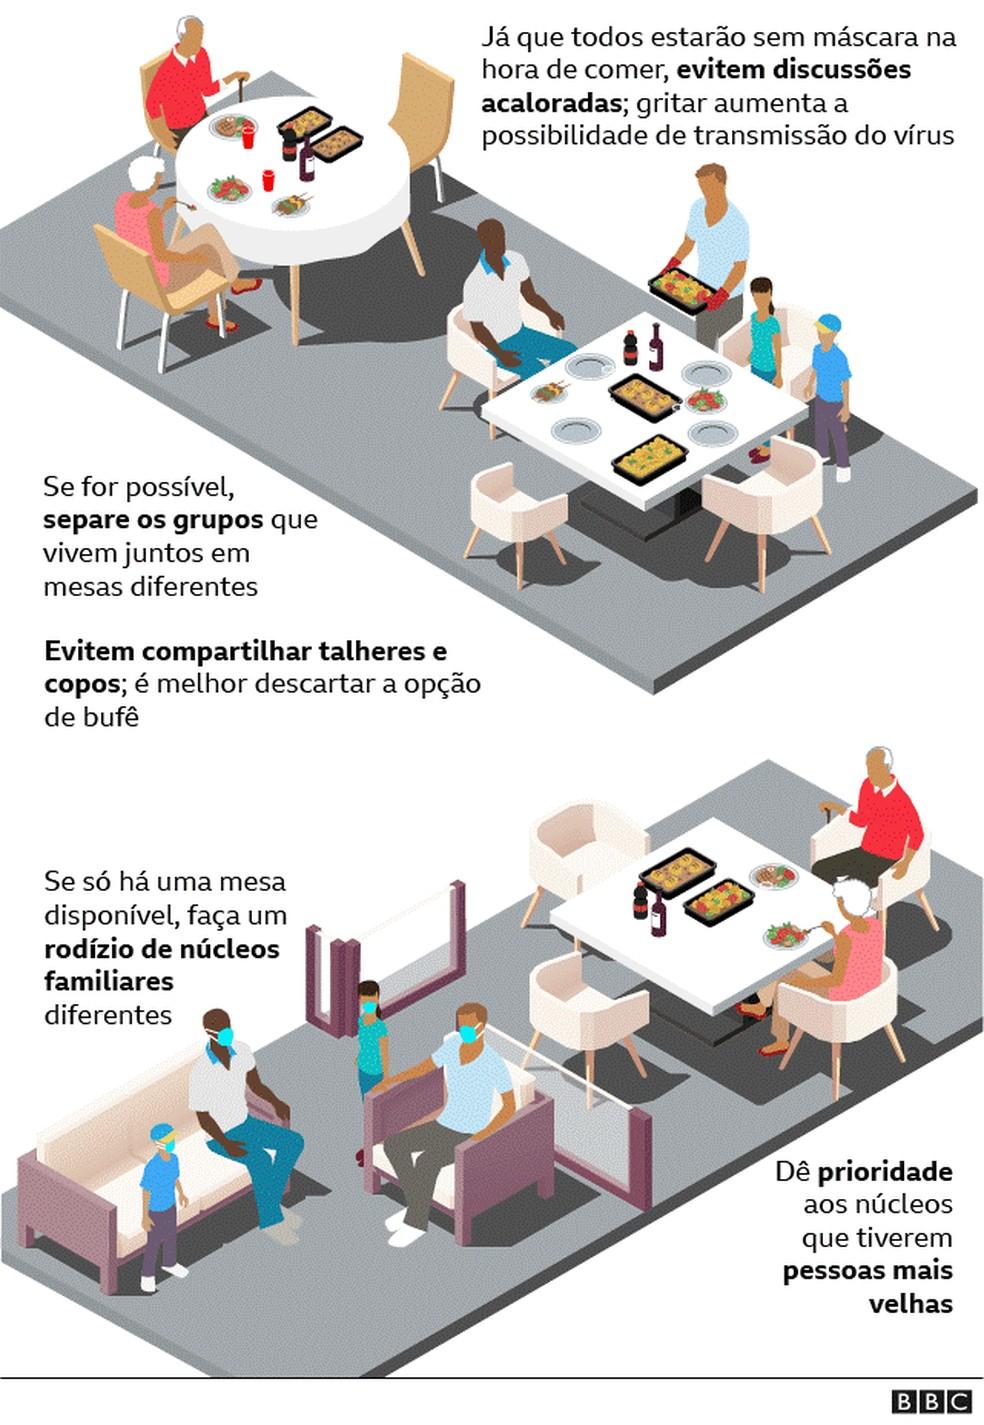 Se for possível, separe os grupos que vivem juntos em mesas diferentes — Foto: Equipe de Jornalismo Visual da BBC News Brasil e da BBC News Mundo